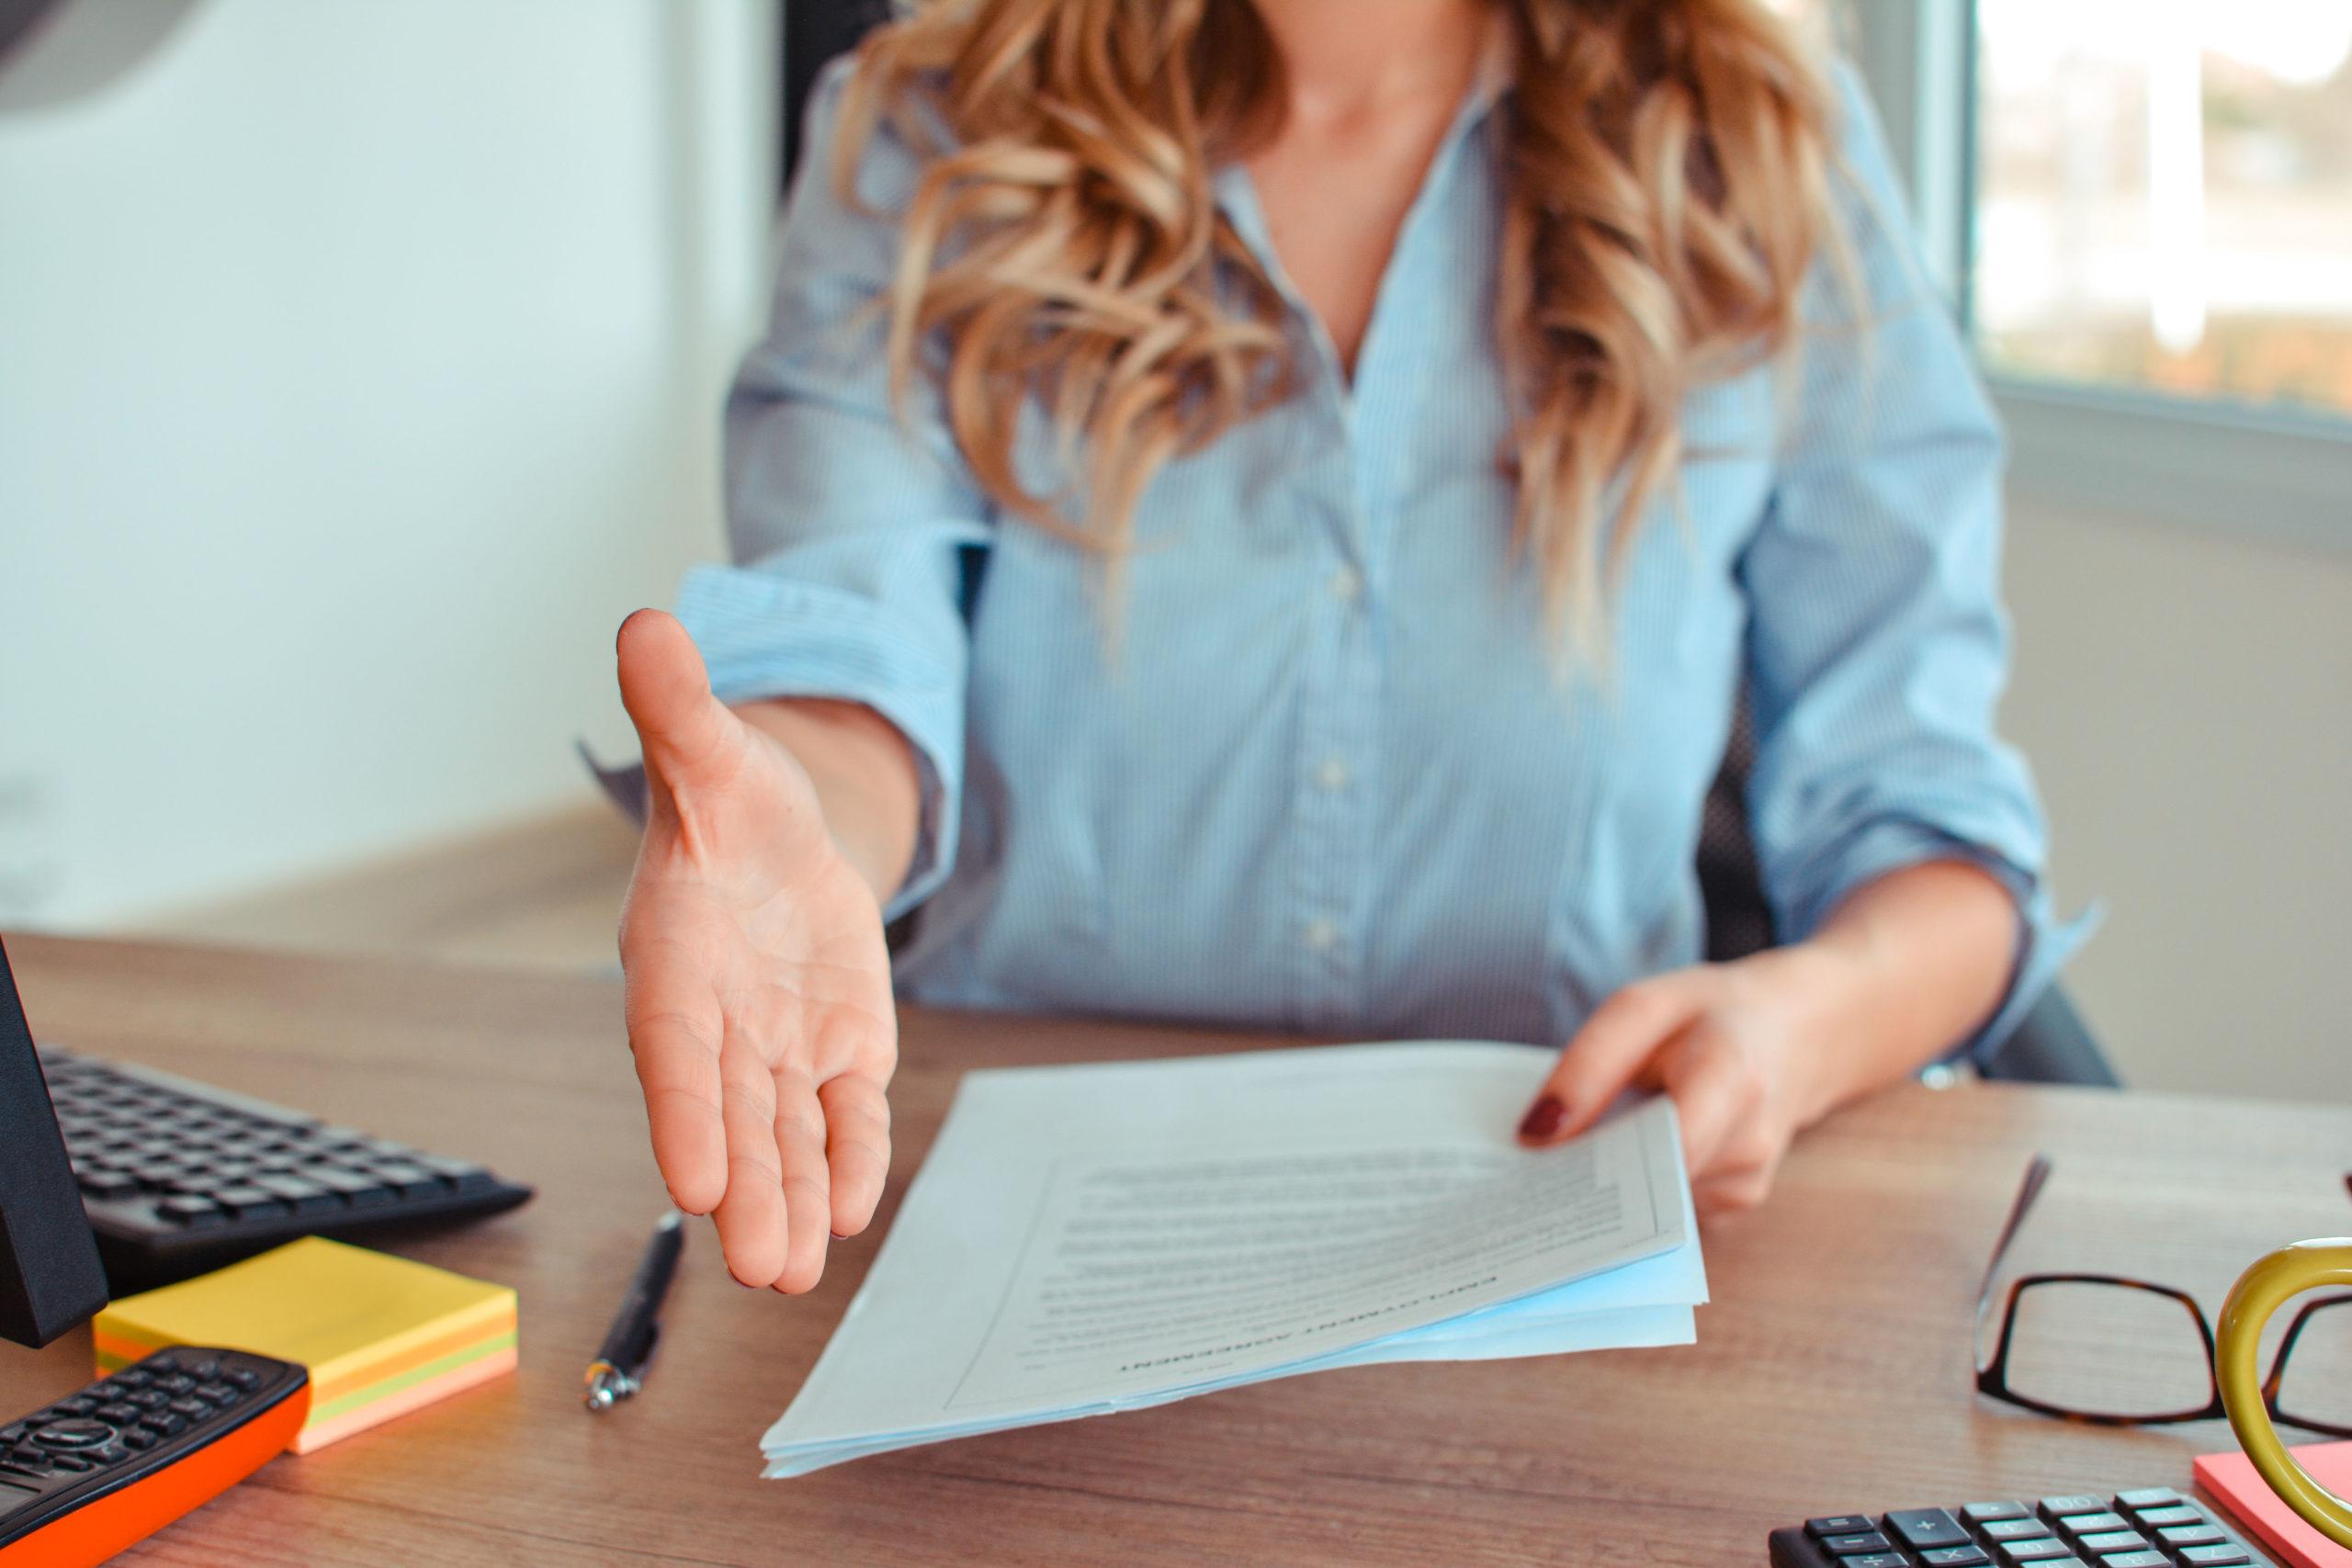 Een goede indruk achterlaten tijdens een sollicitatiegesprek